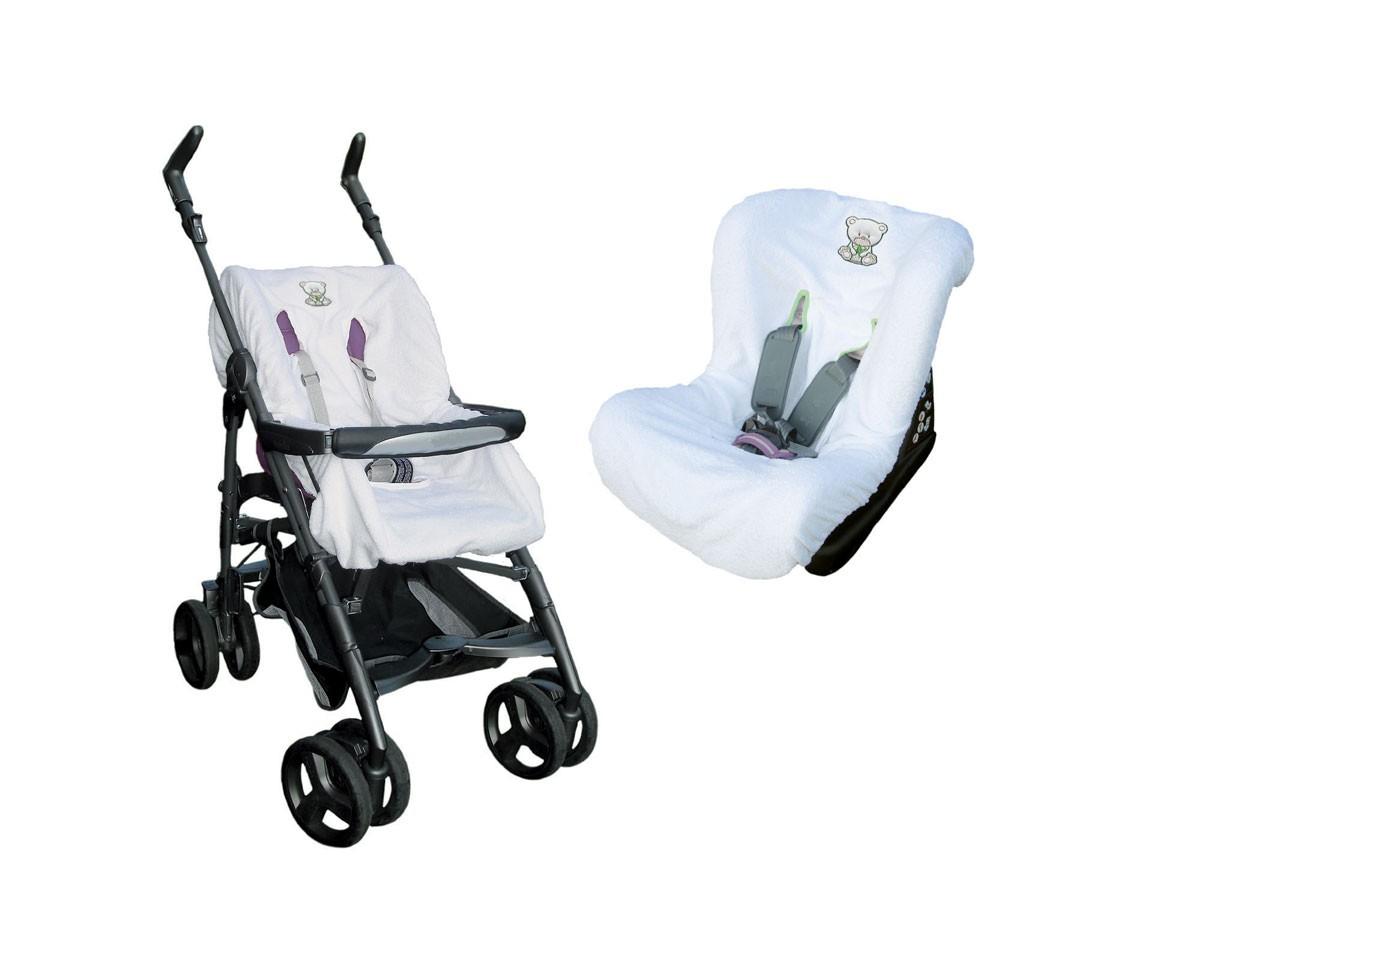 Universaler Bezug für Kinderwagen und Kindersitz